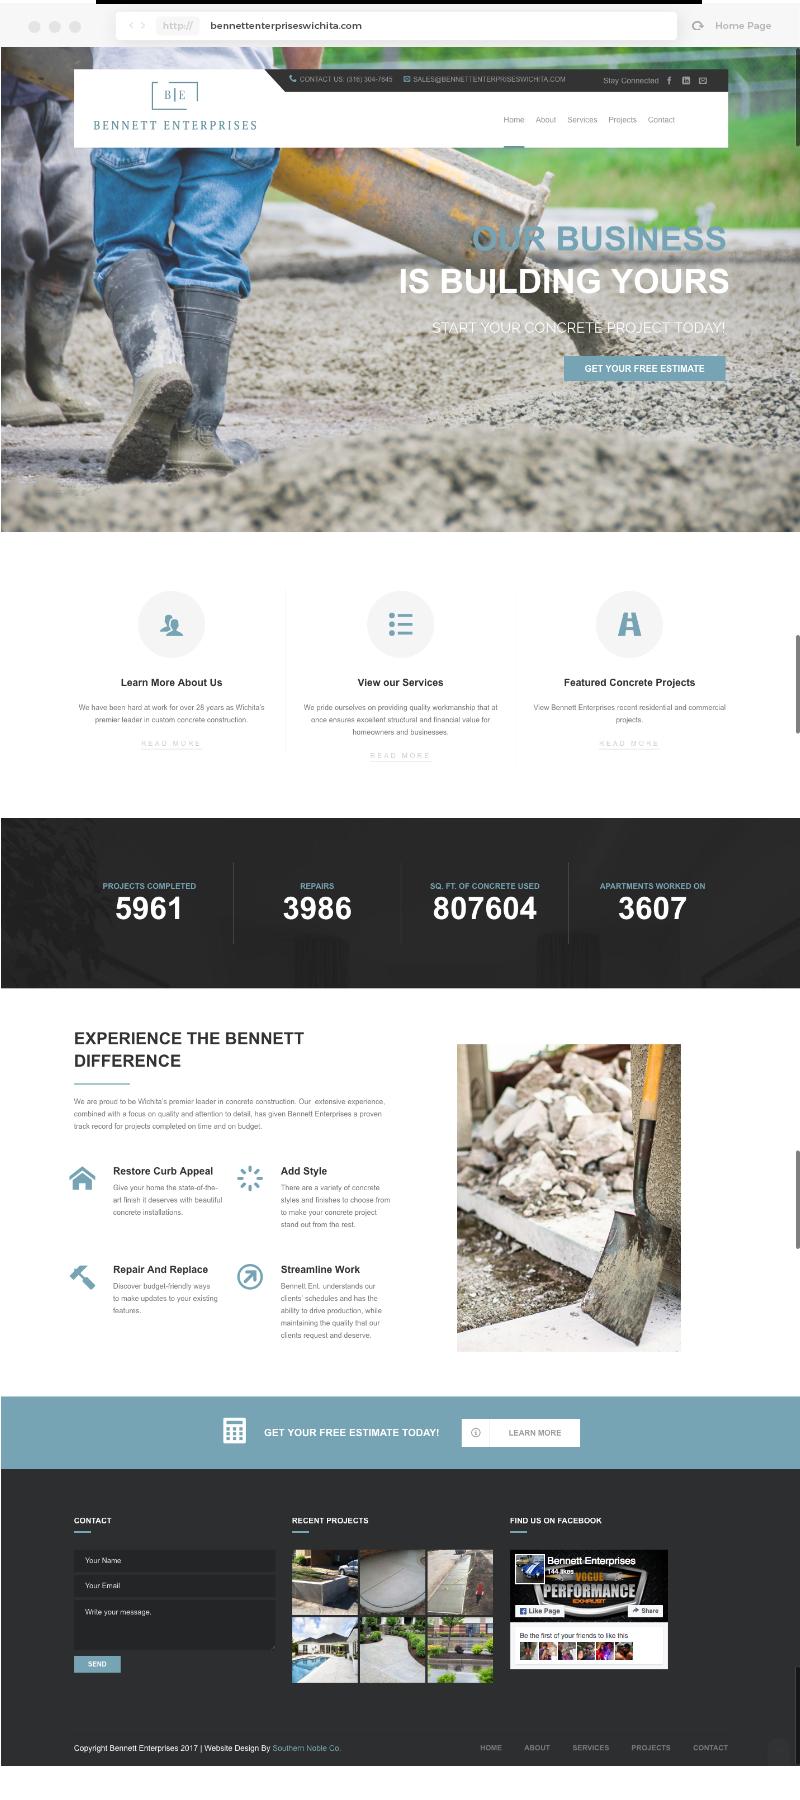 Bennett Enterprises Homepage Design